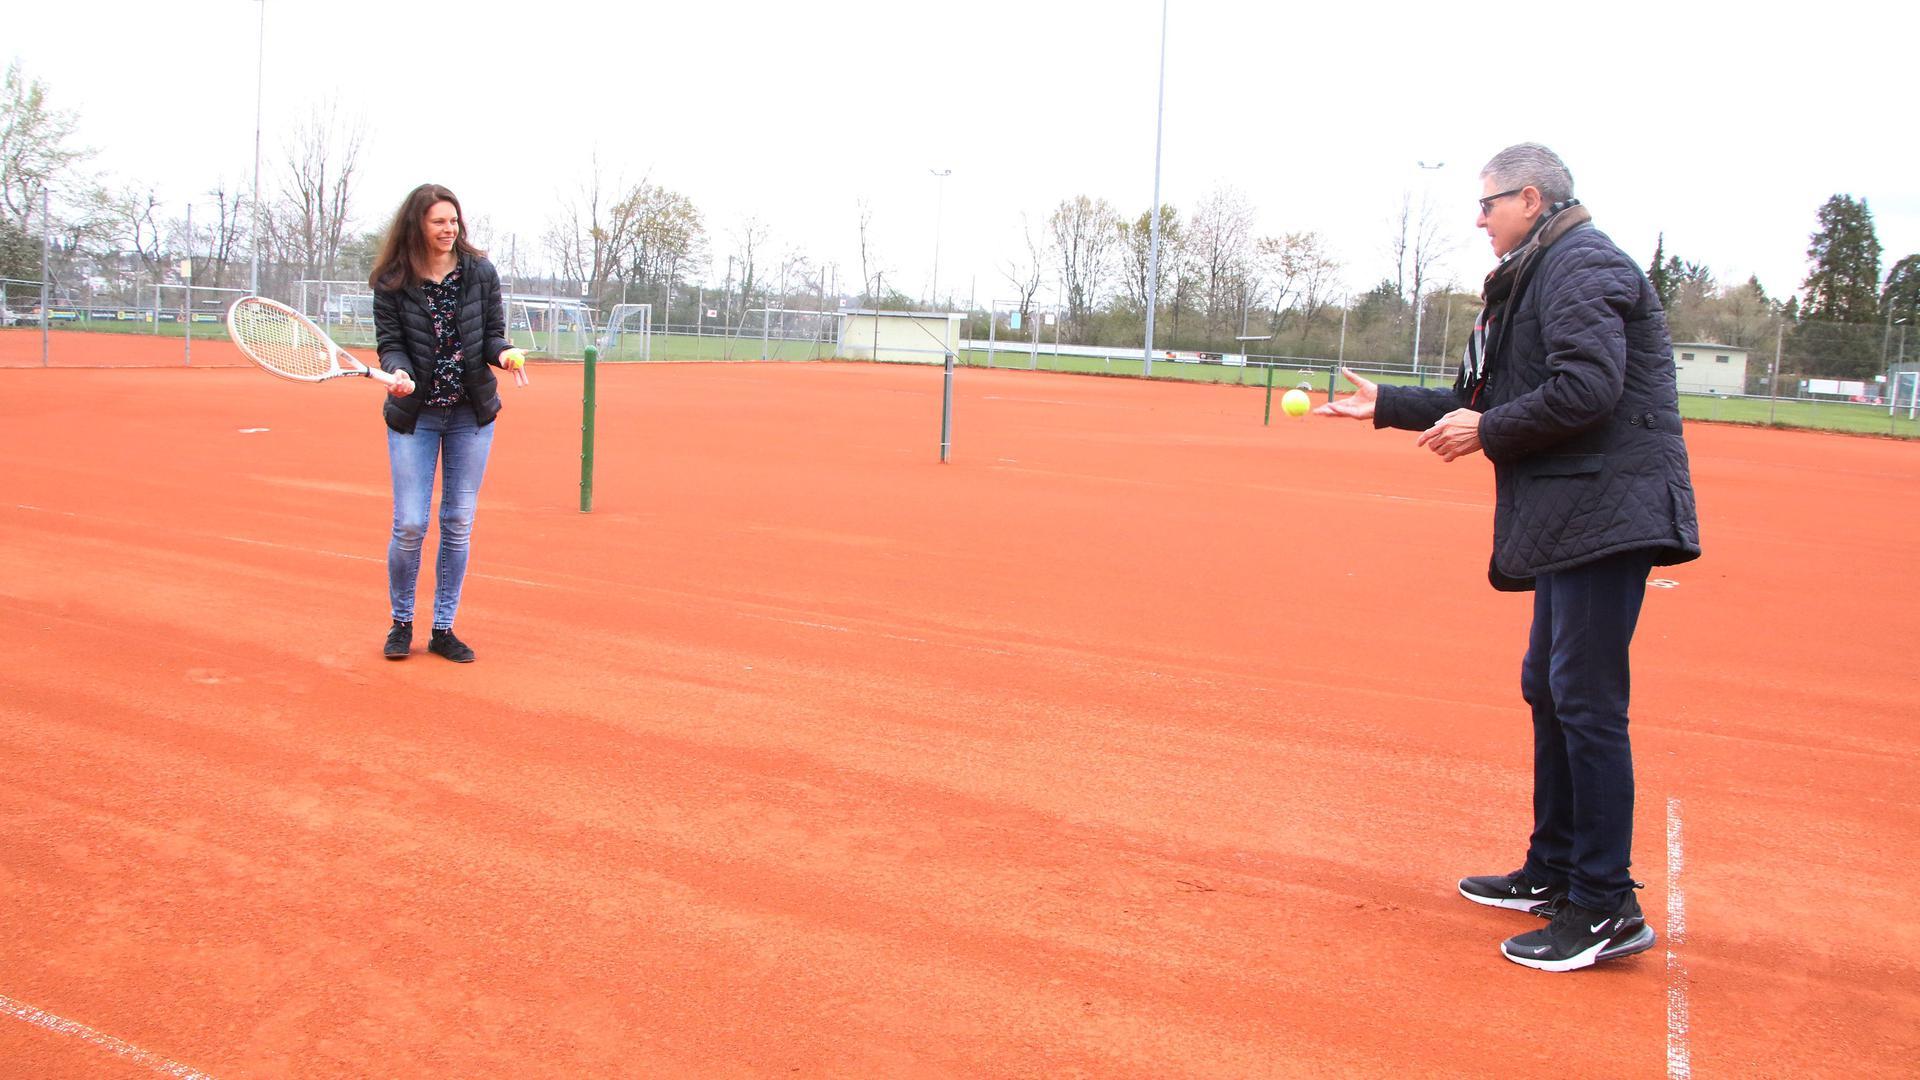 Die Plätze sind bereit: Bei der PSG Pforzheim um Vorstand A Dieter Theurer und Tennis-Sportwartin Ines Ganzhorn ist die Aufbruchstimmung spürbar. Dabei musste man diese Woche erneut die Tennishalle abschließen.